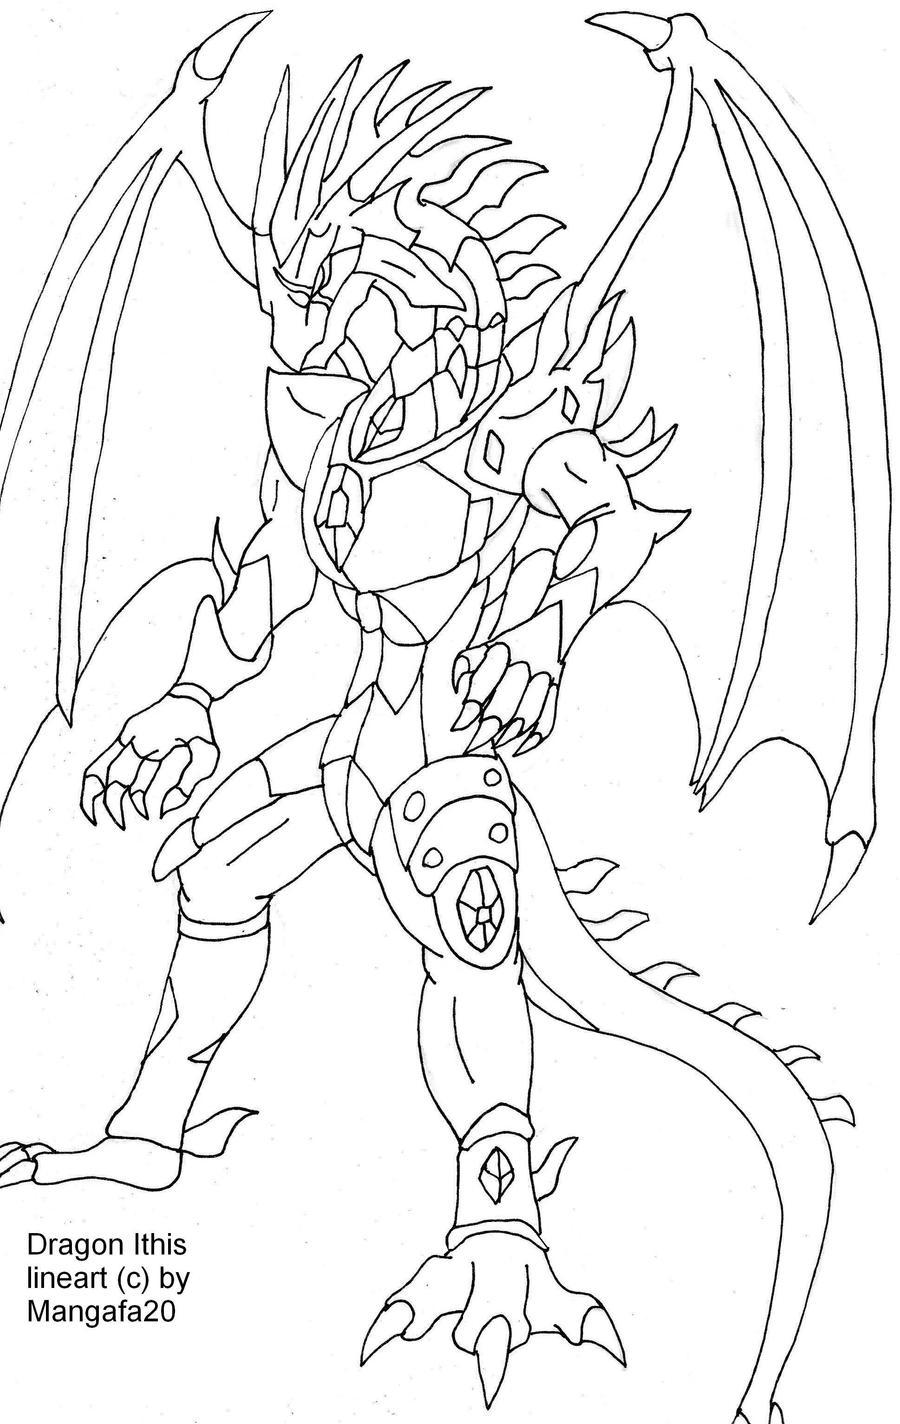 bakugan drago coloring pages - pin bakugan dragonoid coloring pages i14jpg on pinterest